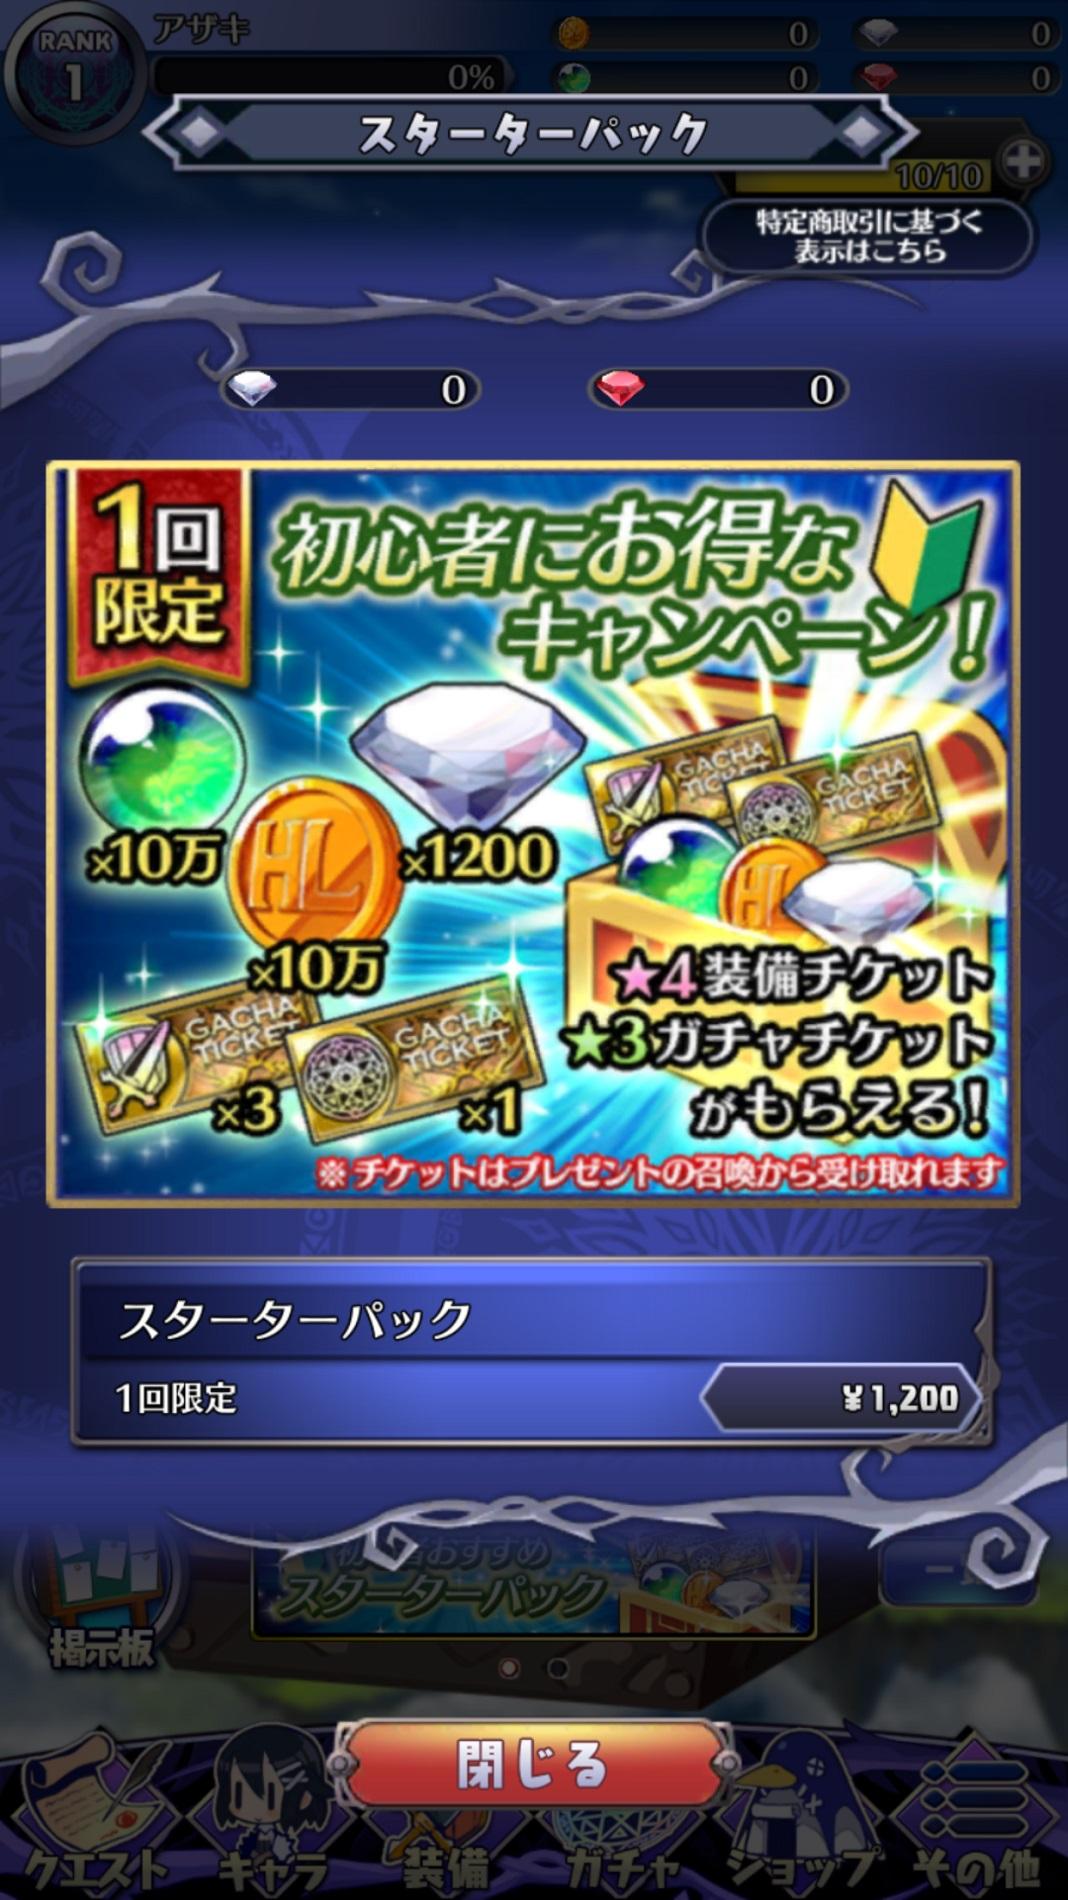 『魔界ウォーズ』iOS版も本日より配信スタート!!